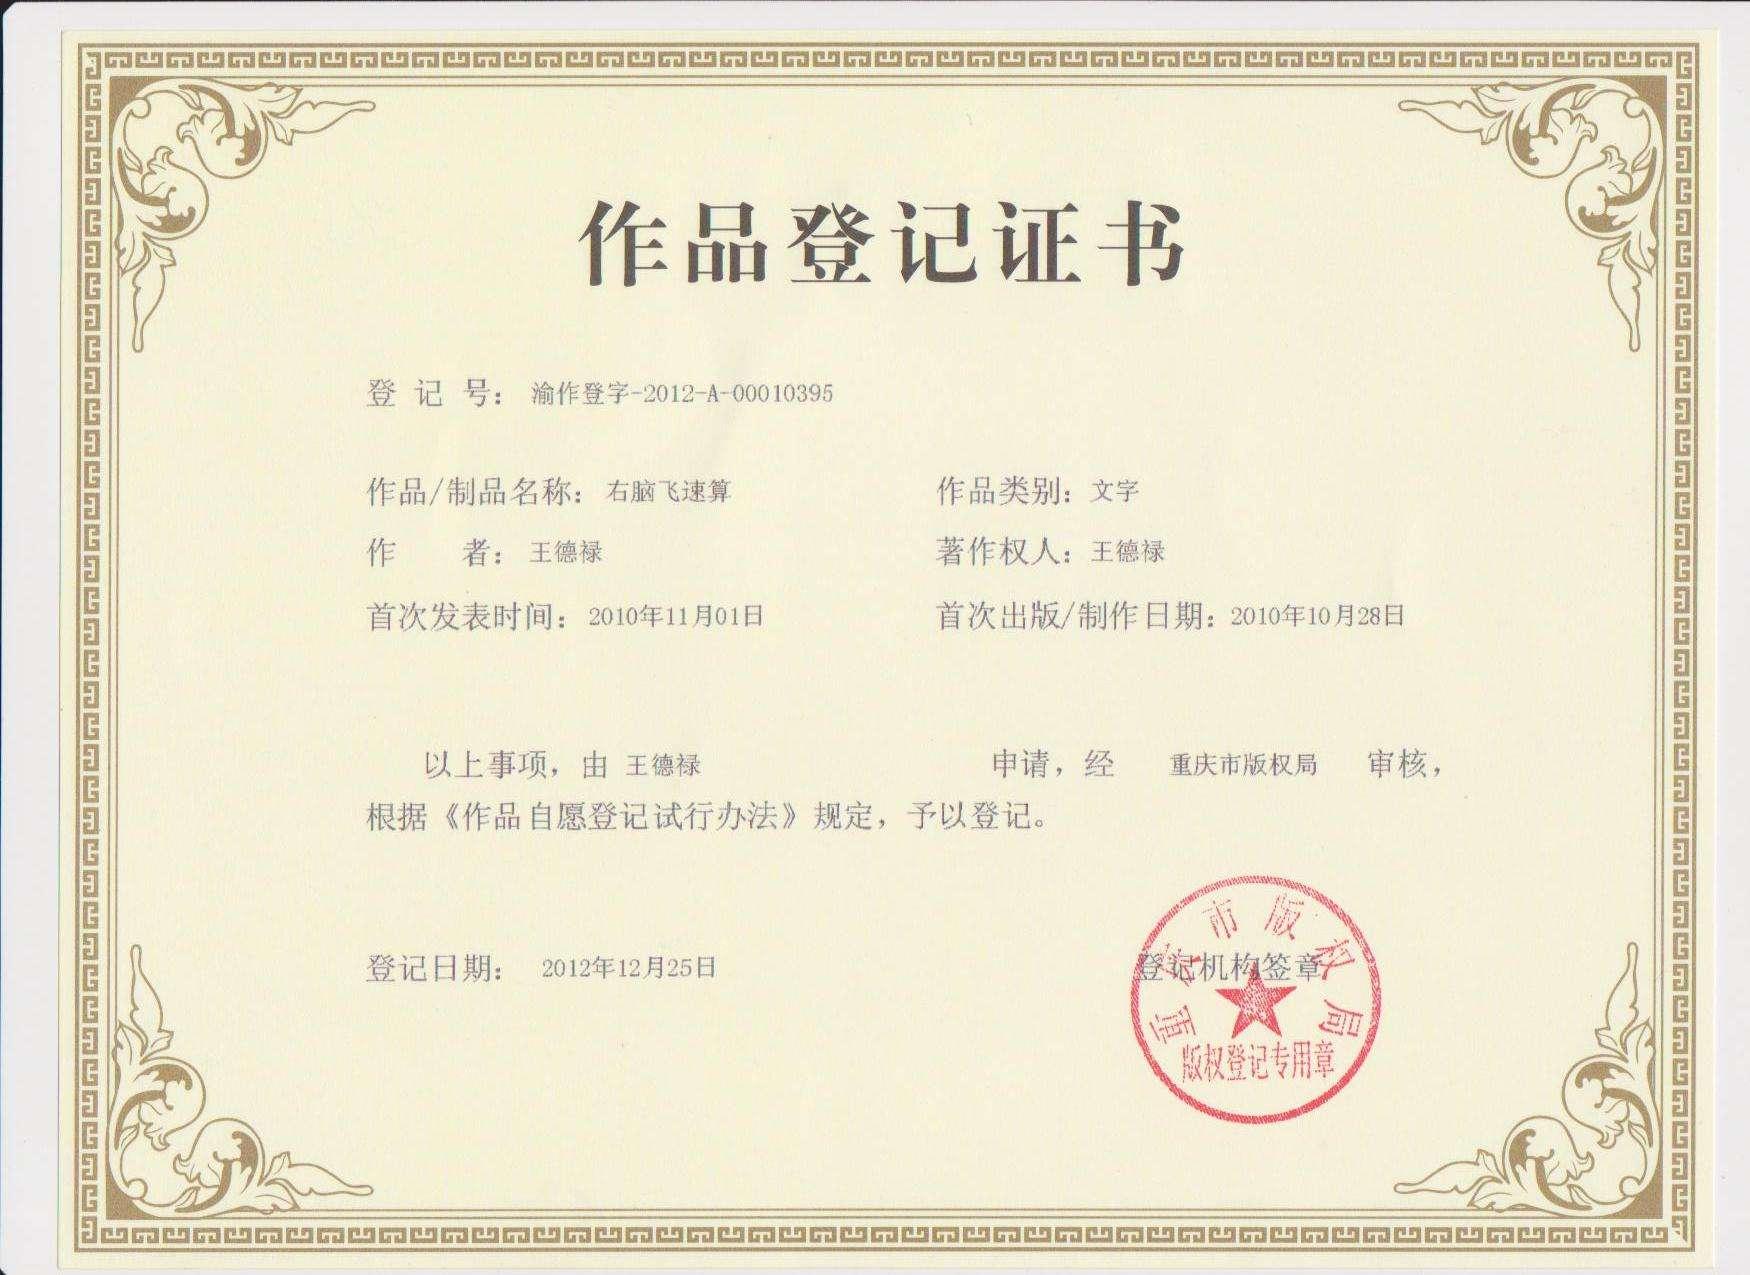 山东申请文学作品著作权申请代理 欢迎咨询 上海济语知识产权代理供应